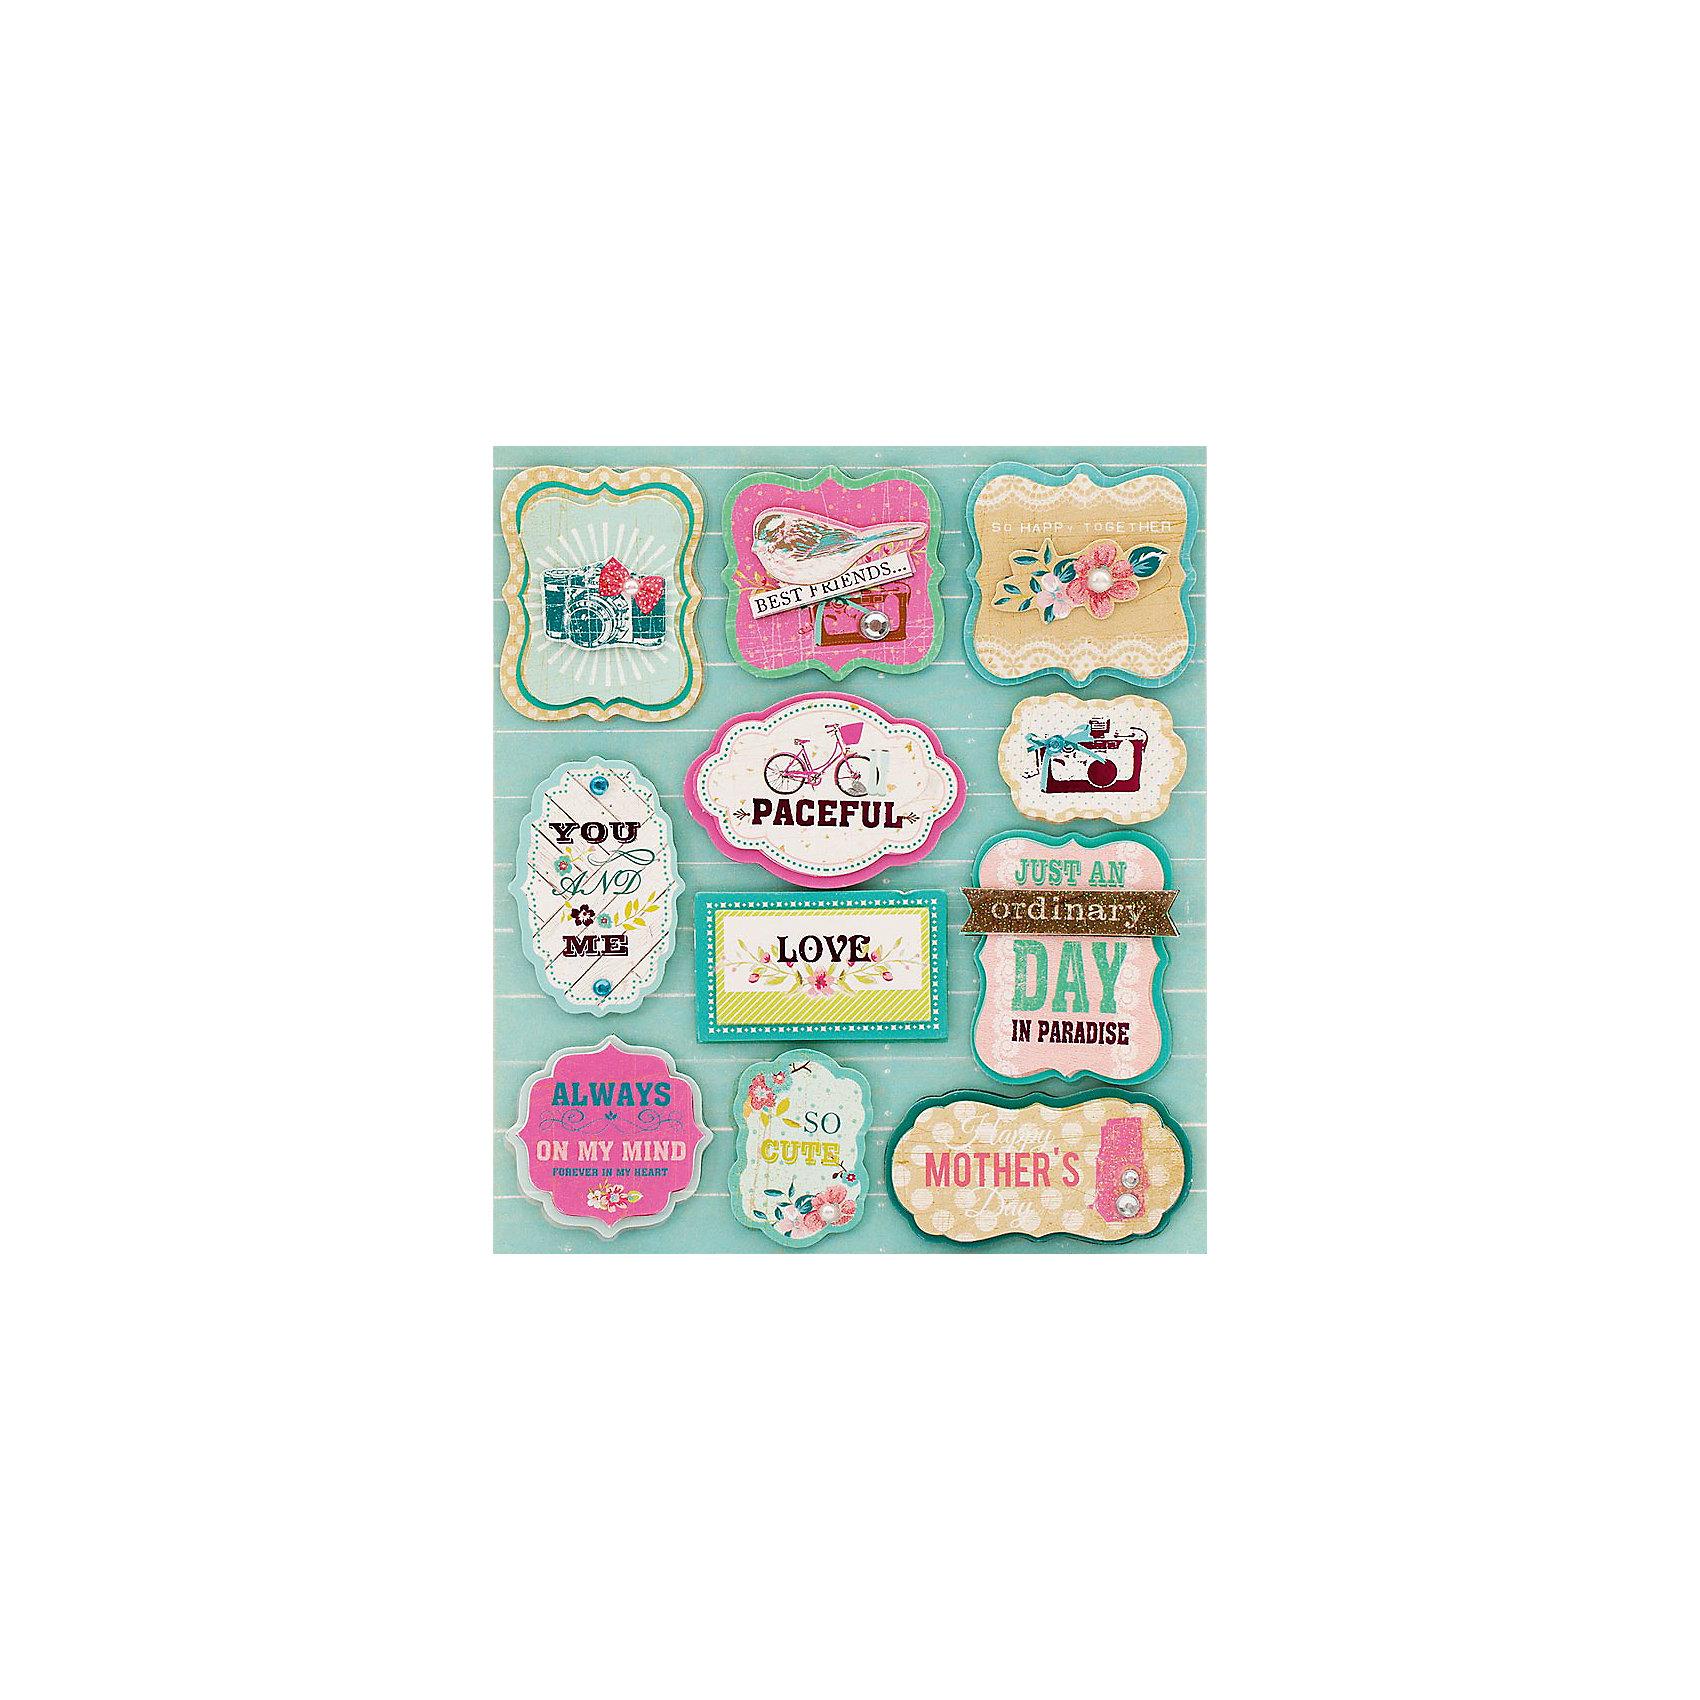 Набор 3D Стикеров Счастливы вместеТворчество для малышей<br>Набор 3D Стикеров Счастливы вместе, Белоснежка.<br><br>Характеристики:<br><br>• подходят в качестве украшений<br>• легко использовать<br>• красивый дизайн<br>• размер листа: 12х14 см<br><br>Счастливы вместе - набор объемных стикеров, предназначенных для украшения дневников, подарков, открыток и многого другого. В набор входят 11 различных стикеров. Они изготовлены из тонкого картона и имеют клейкую подушечку, с помощью которой вы сможете легко прикрепить стикер к поверхности. Красивые стикеры станут прекрасным дополнением  к любимым предметам!<br><br>Набор 3D Стикеров Счастливы вместе вы можете купить в нашем интернет-магазине.<br><br>Ширина мм: 180<br>Глубина мм: 122<br>Высота мм: 5<br>Вес г: 40<br>Возраст от месяцев: 72<br>Возраст до месяцев: 144<br>Пол: Женский<br>Возраст: Детский<br>SKU: 5089608